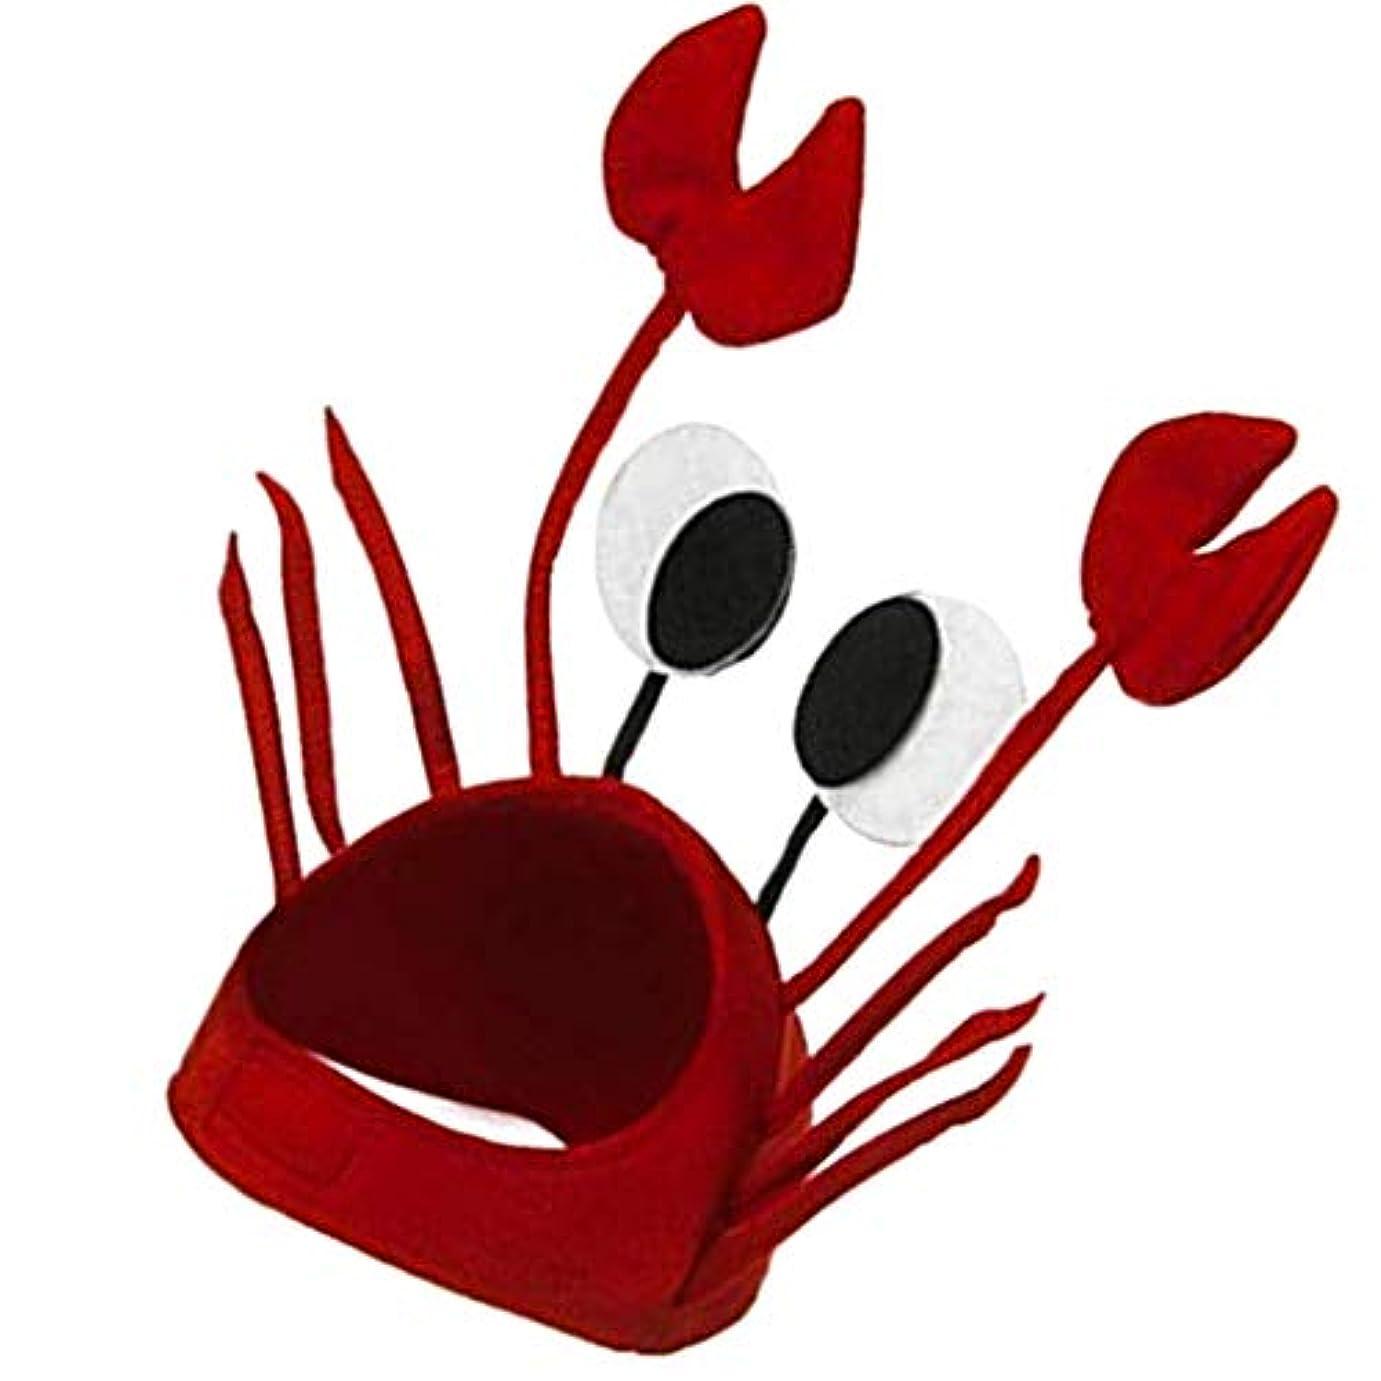 マントベリ真空KOROWA 女の子 カニハット 幼稚園ボーイズ 子供の日 ビーニーキャップ おかしい 休日の小道具 クリスマスのギフト